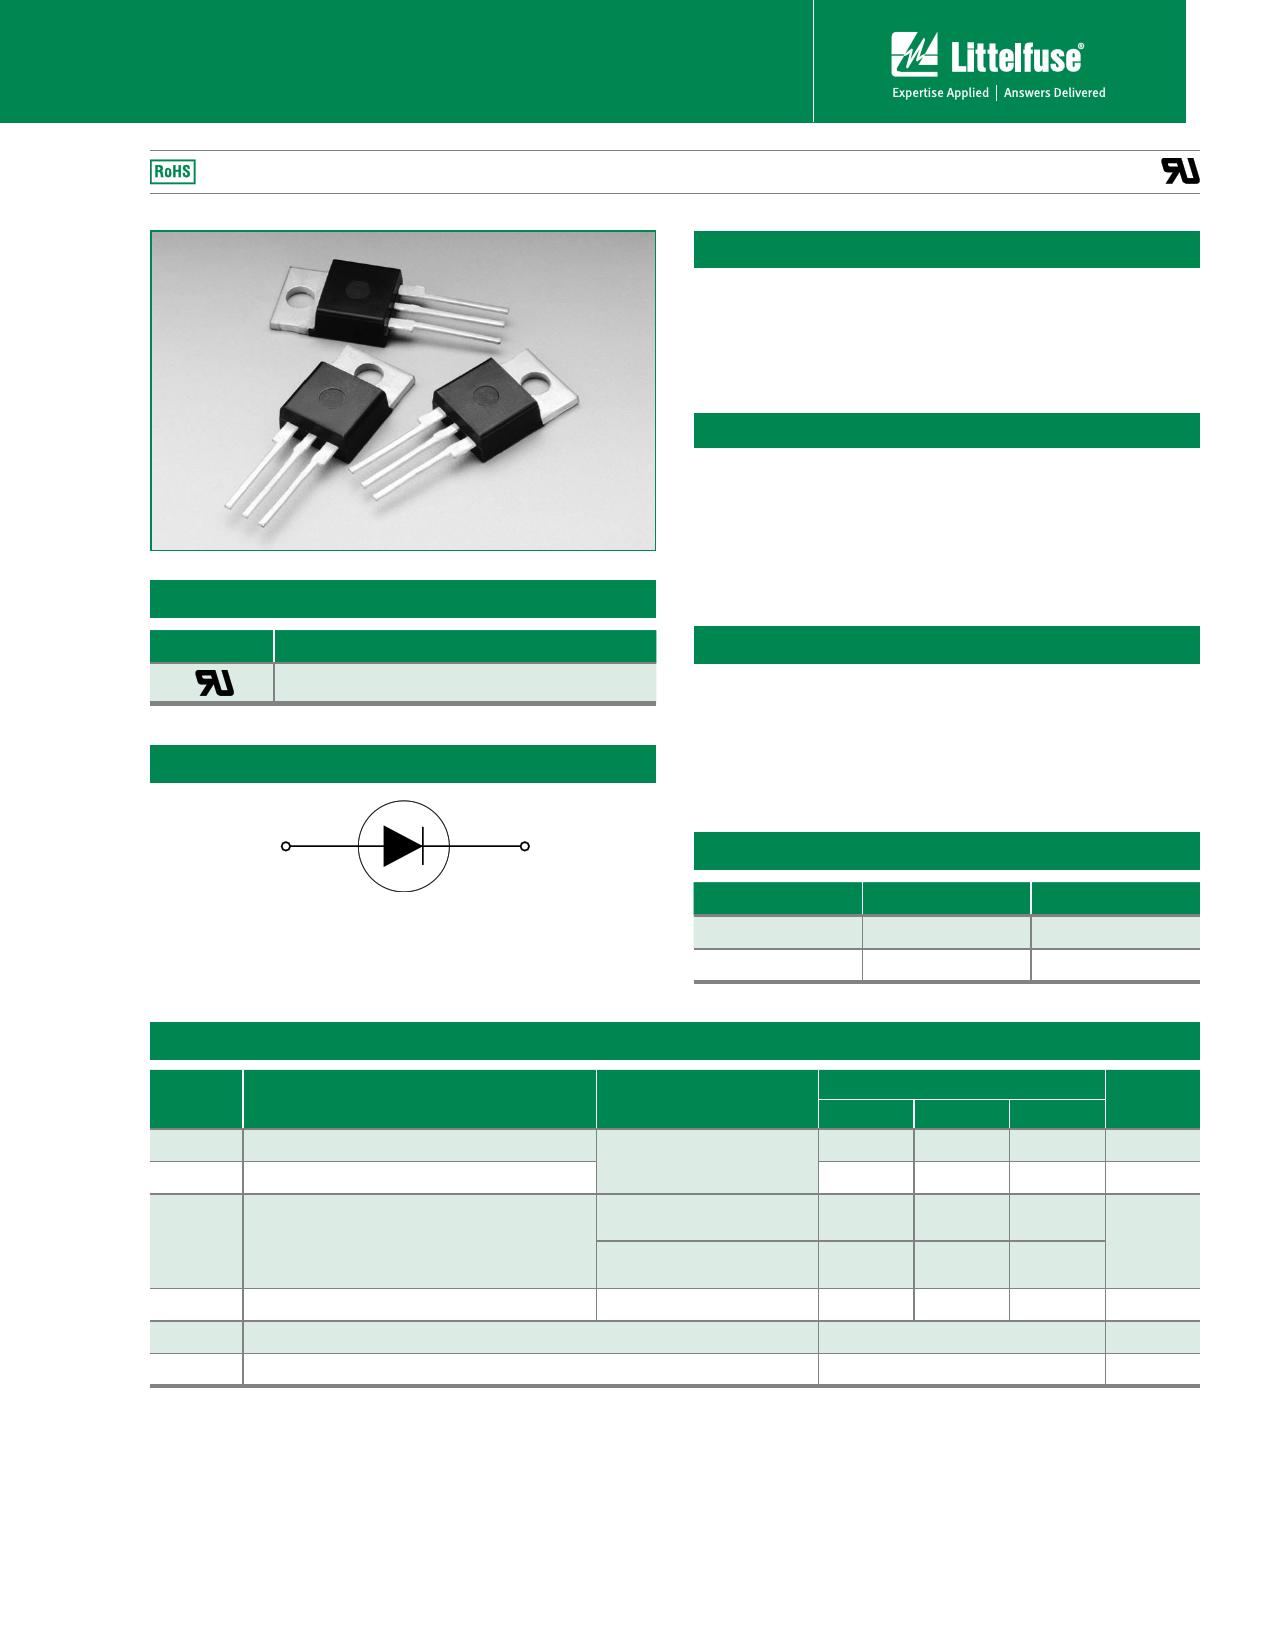 D4015LTP datasheet